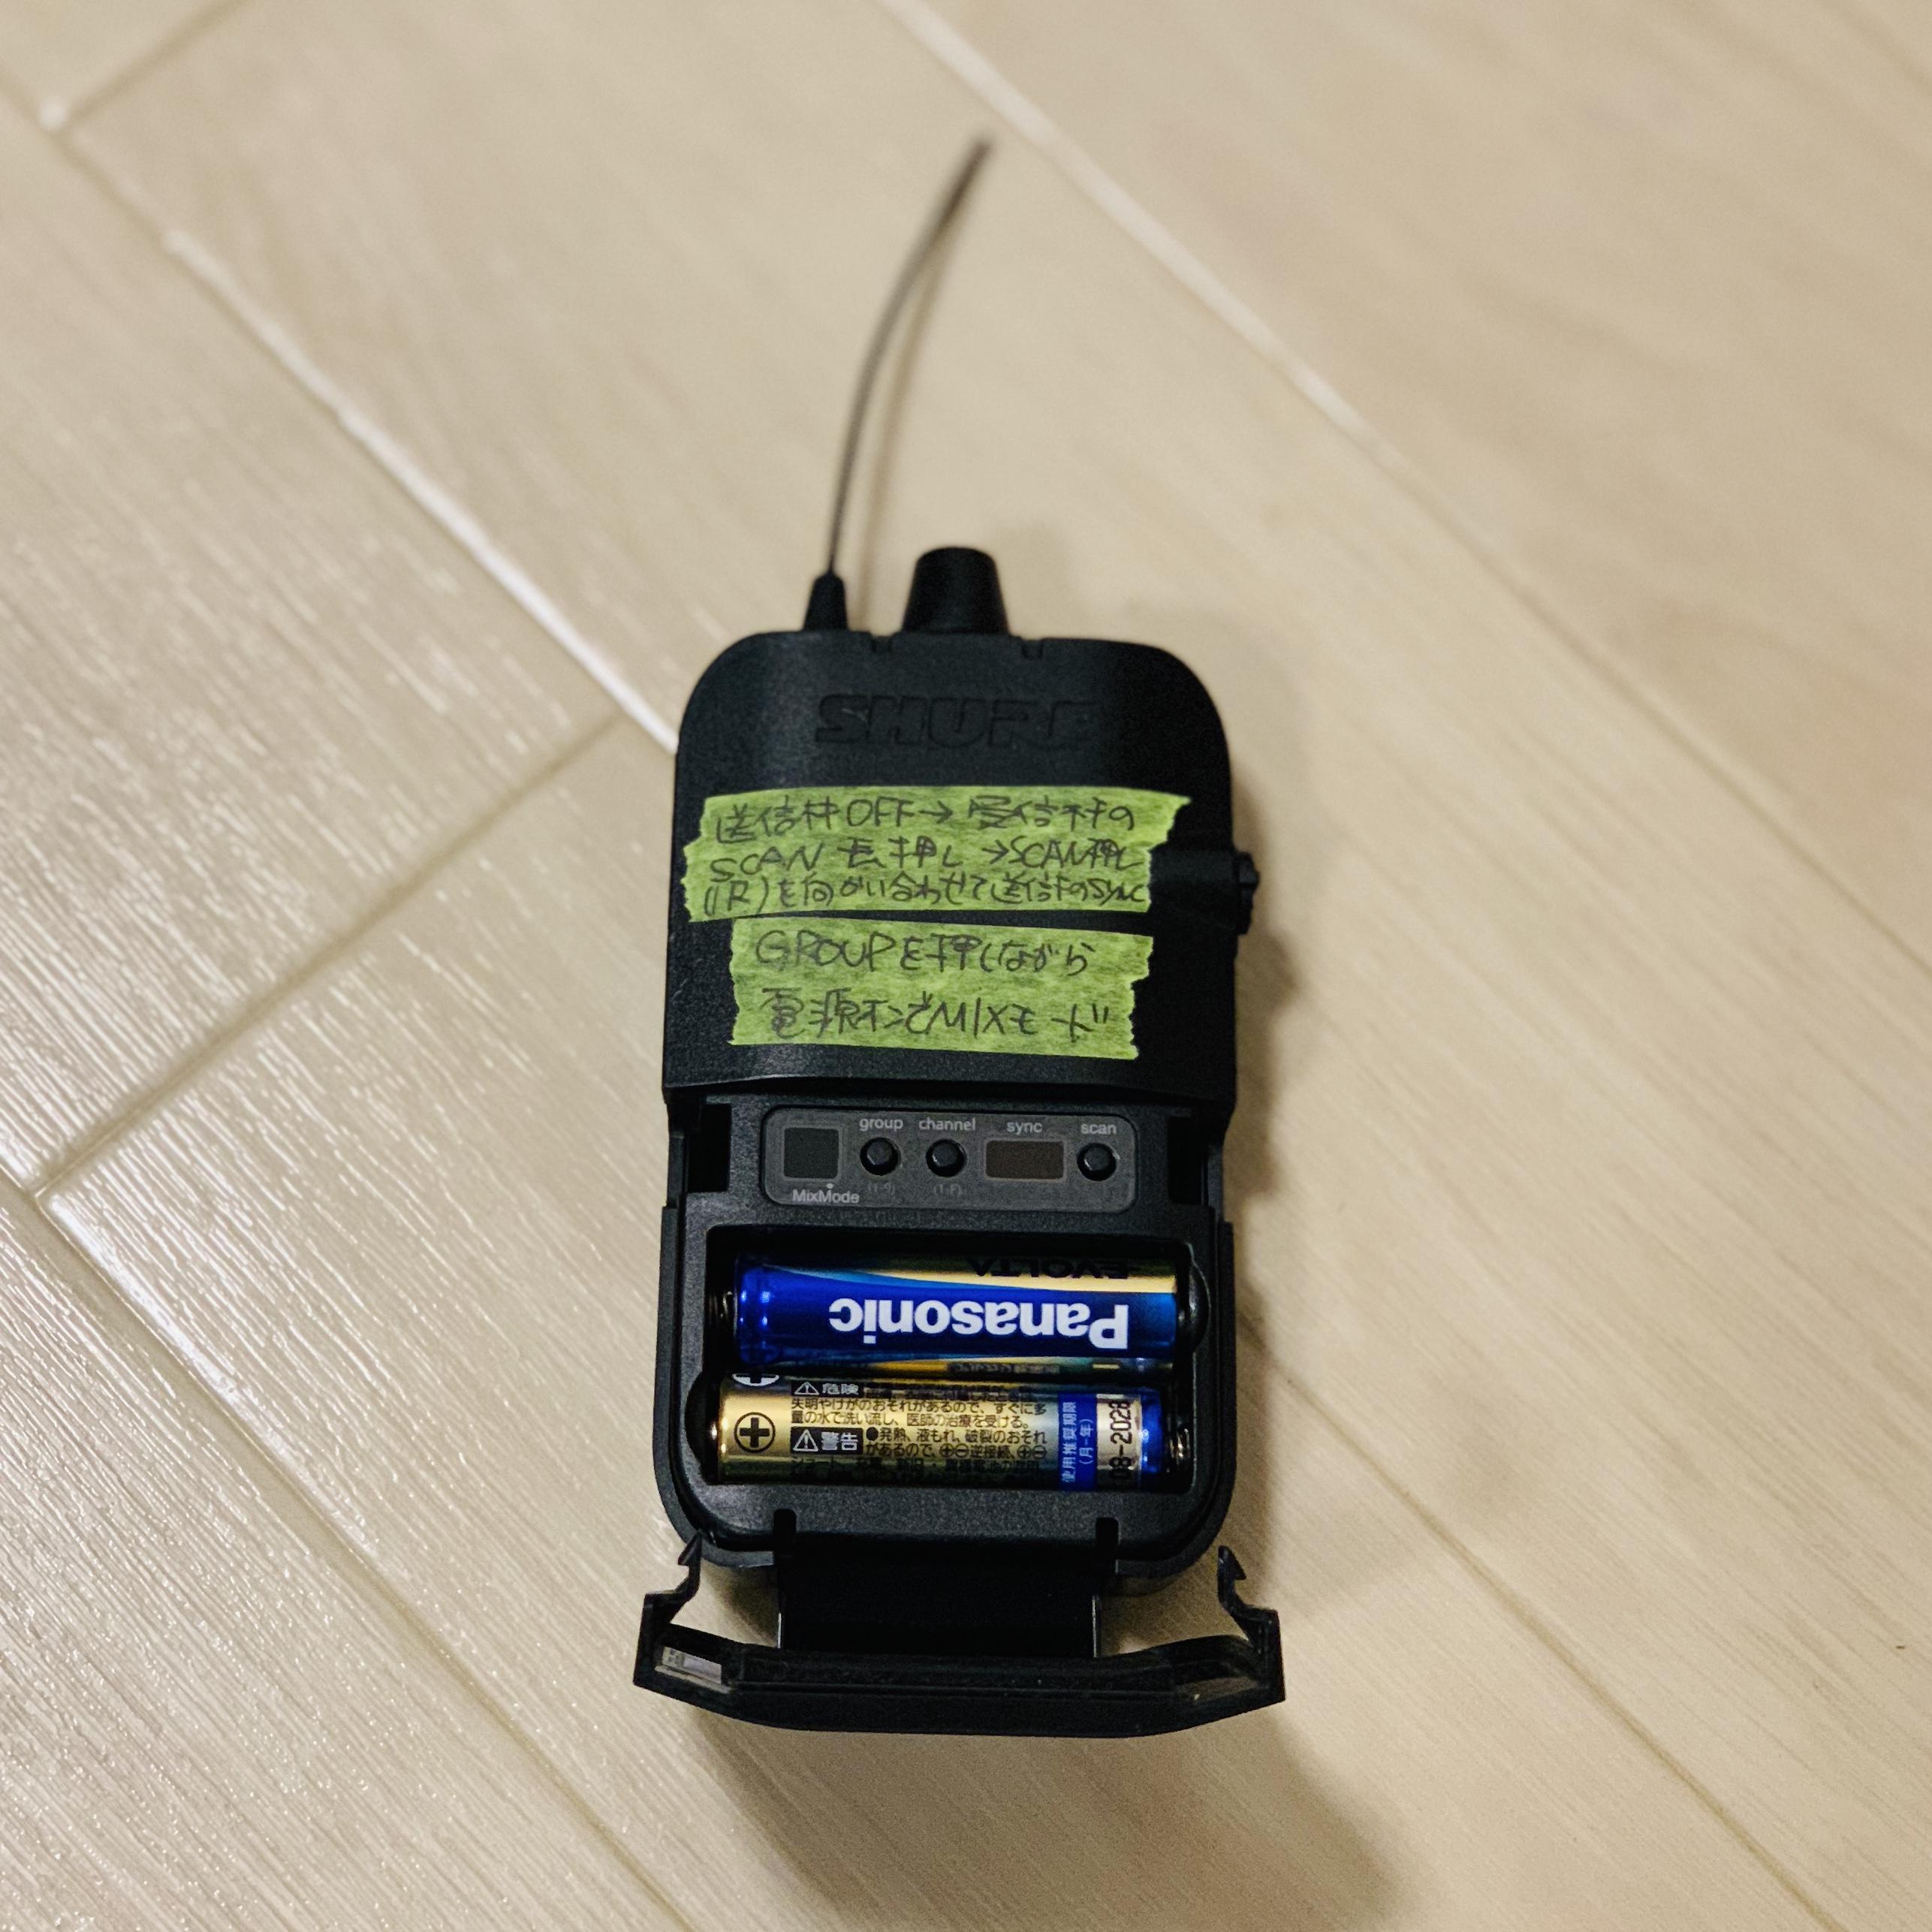 SHURE PSM300 ワイヤレスイヤーモニターシステムをライブで使ってみた